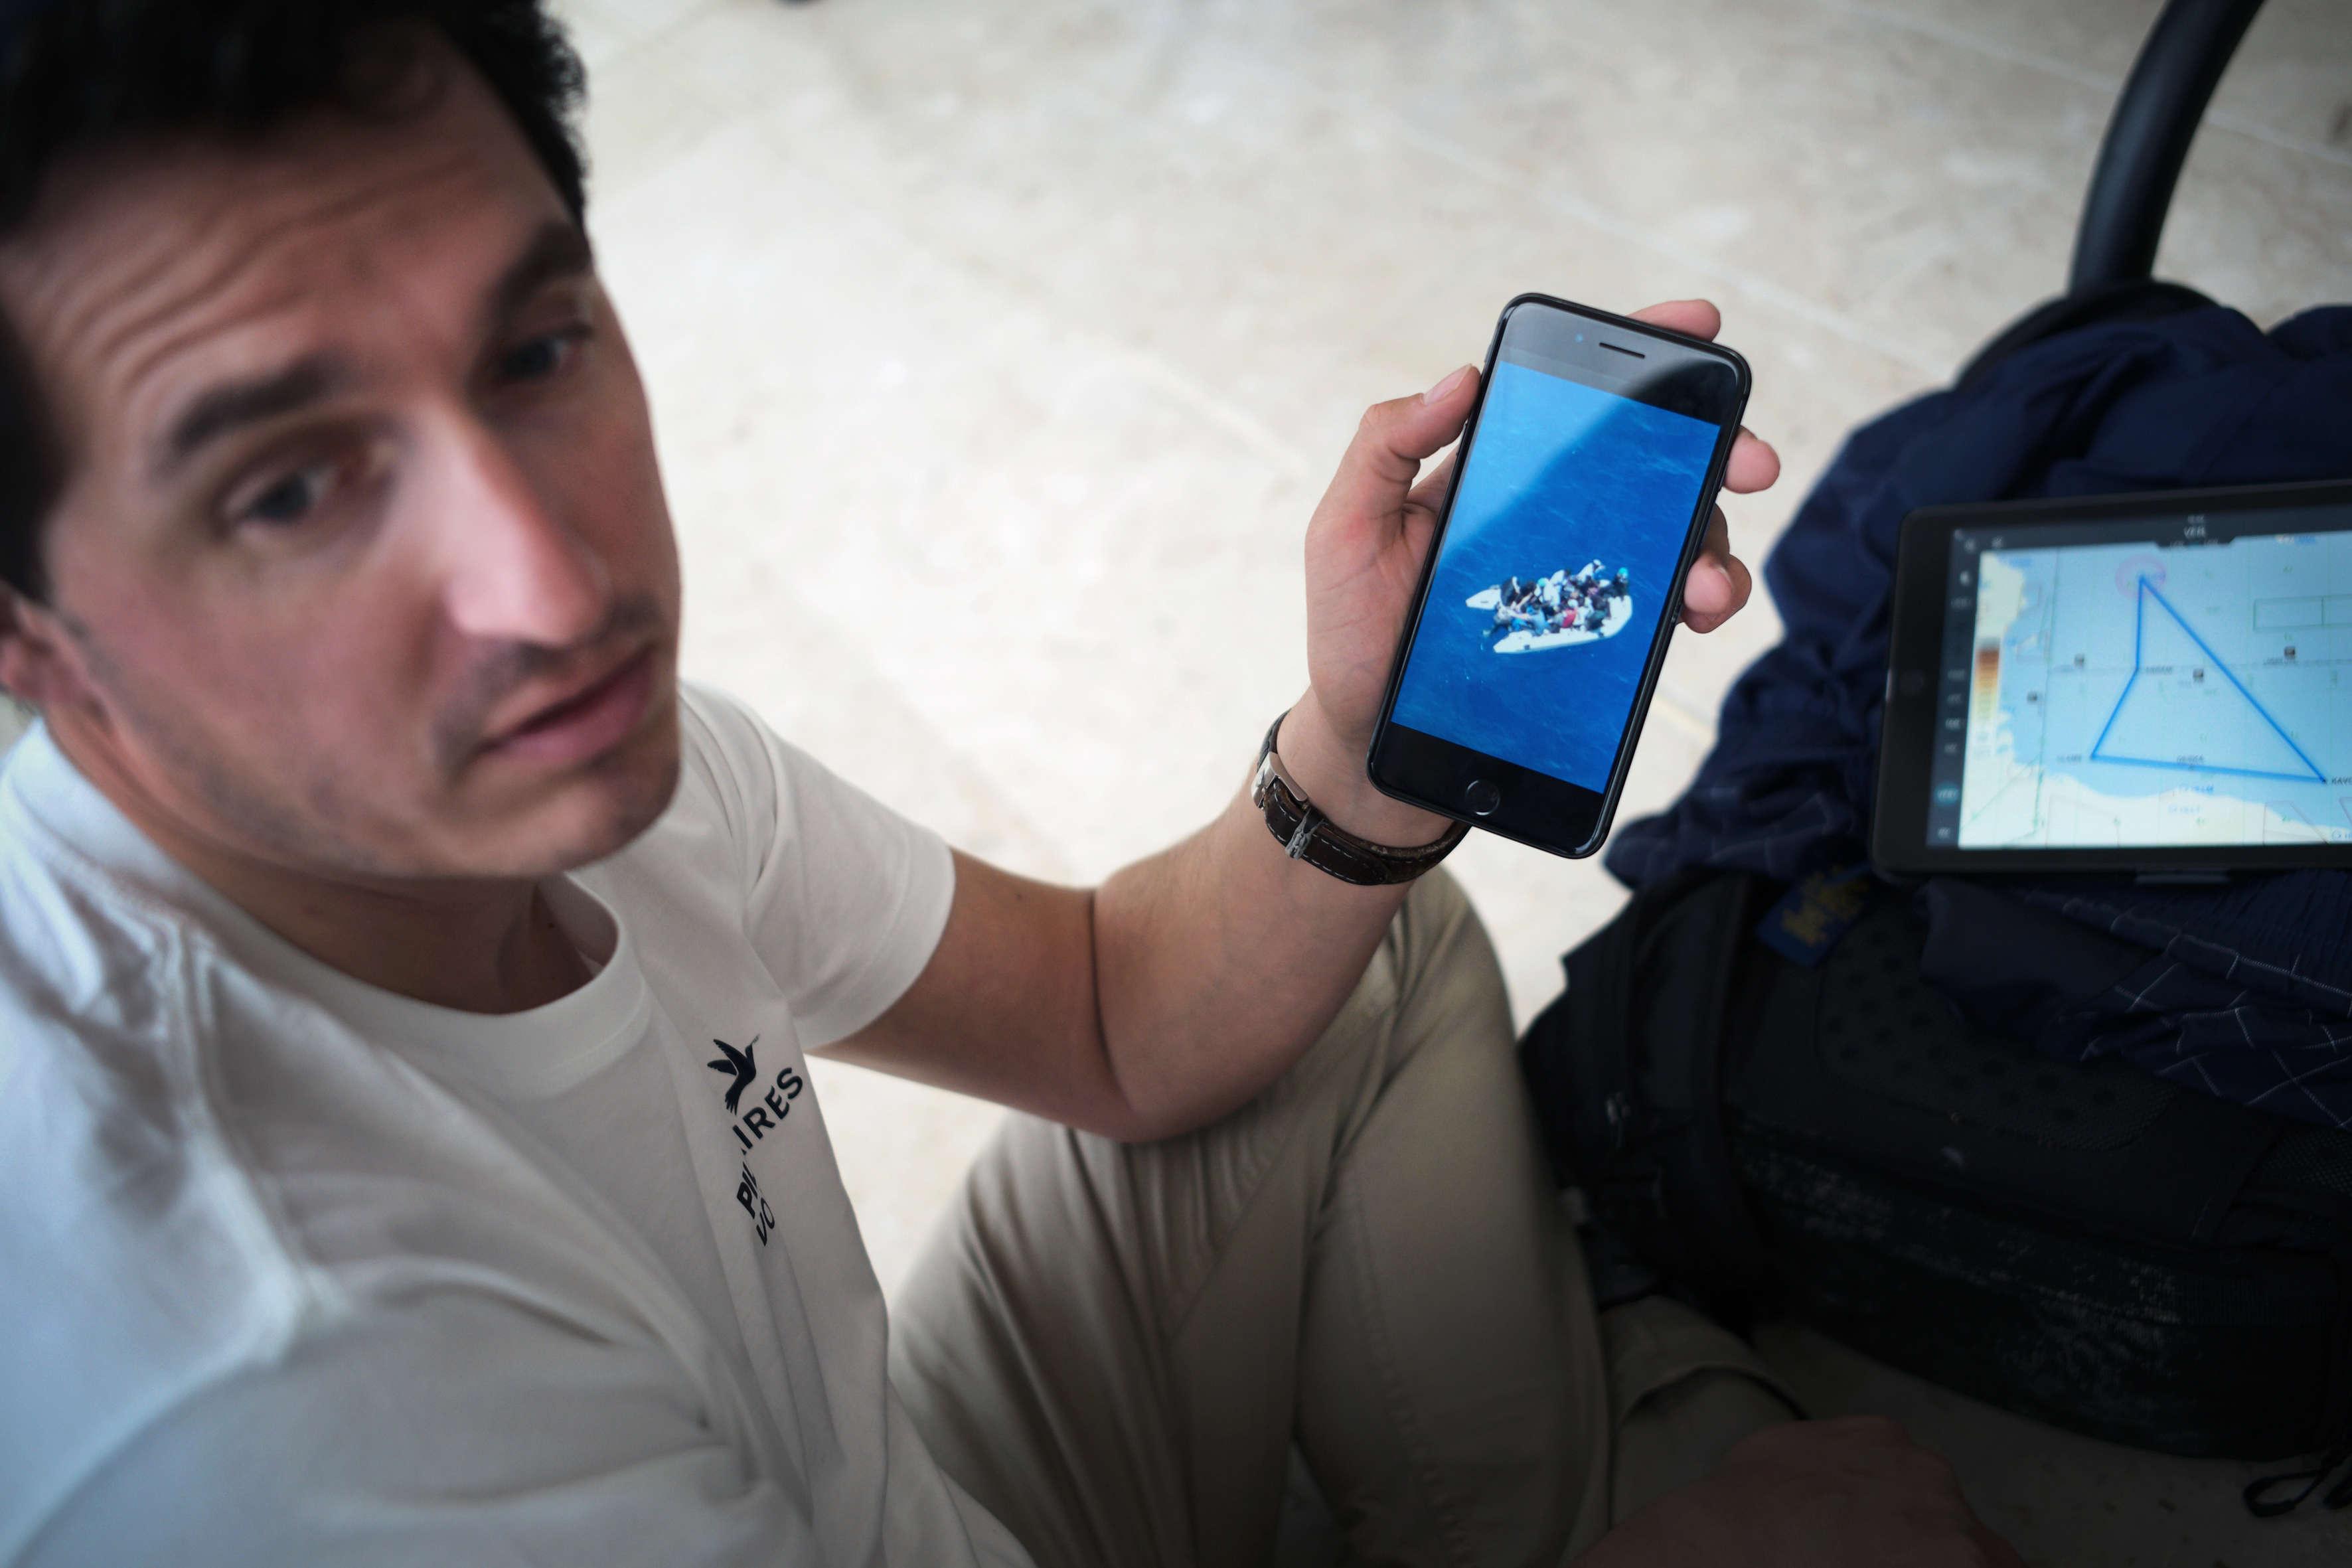 Benoît Micolon, cofondateur de l'ONG Pilotes volontaires, montre sur son téléphone une photo qu'il a prise en juin 2018 lors d'une mission de recherche de personnes en détresse en mer Méditerranée. En arrière-plan sa tablette qui lui permet de naviguer et suivre son plan de vol.